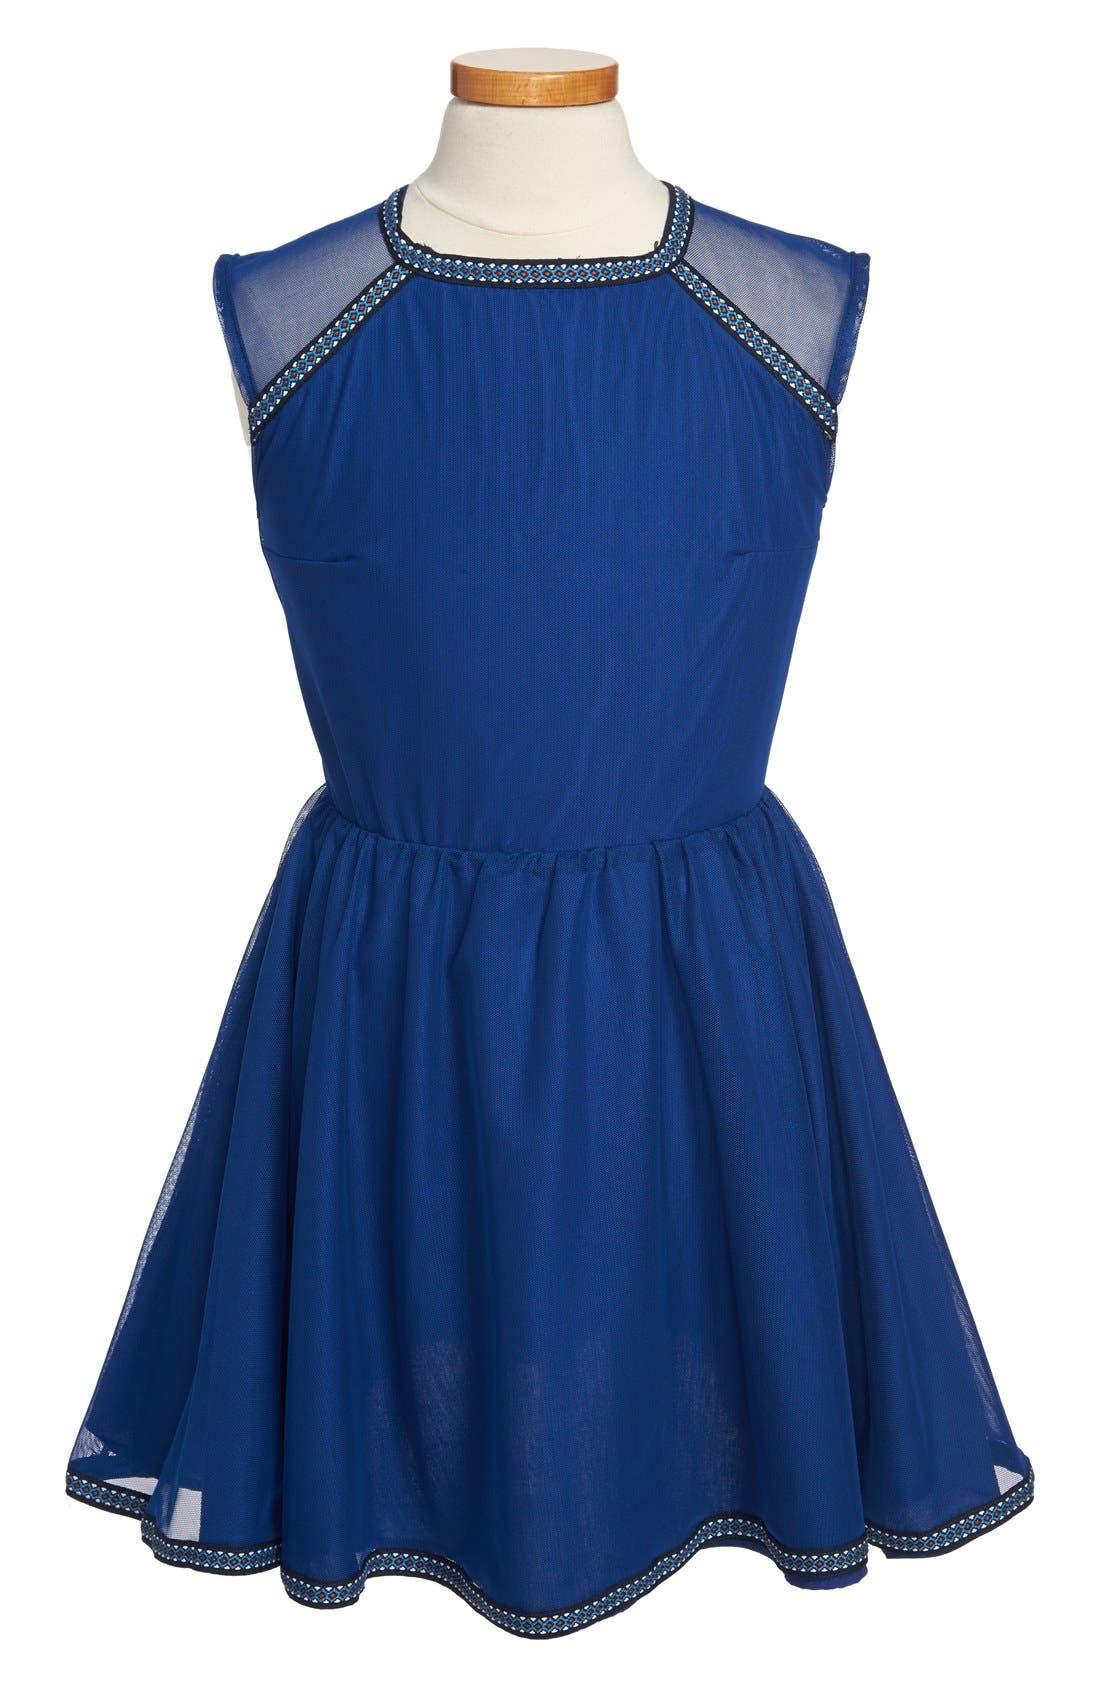 Main Image - Miss Behave 'Emma' Ribbon Trimmed Illusion Skater Dress (Big Girls)